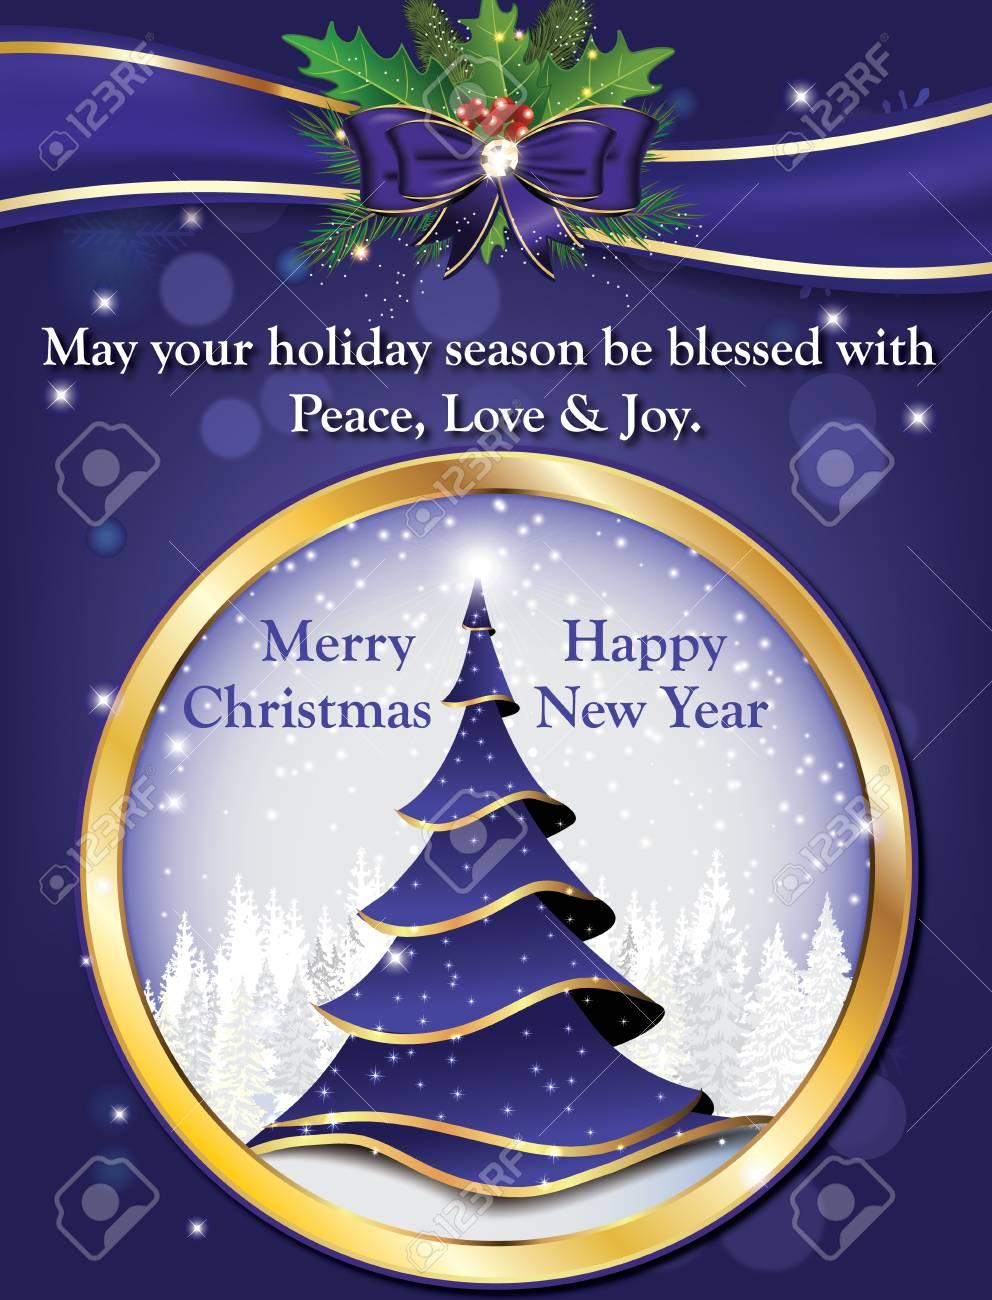 Möge Deine Weihnachtszeit Mit Frieden, Liebe Und Freude Gesegnet ...